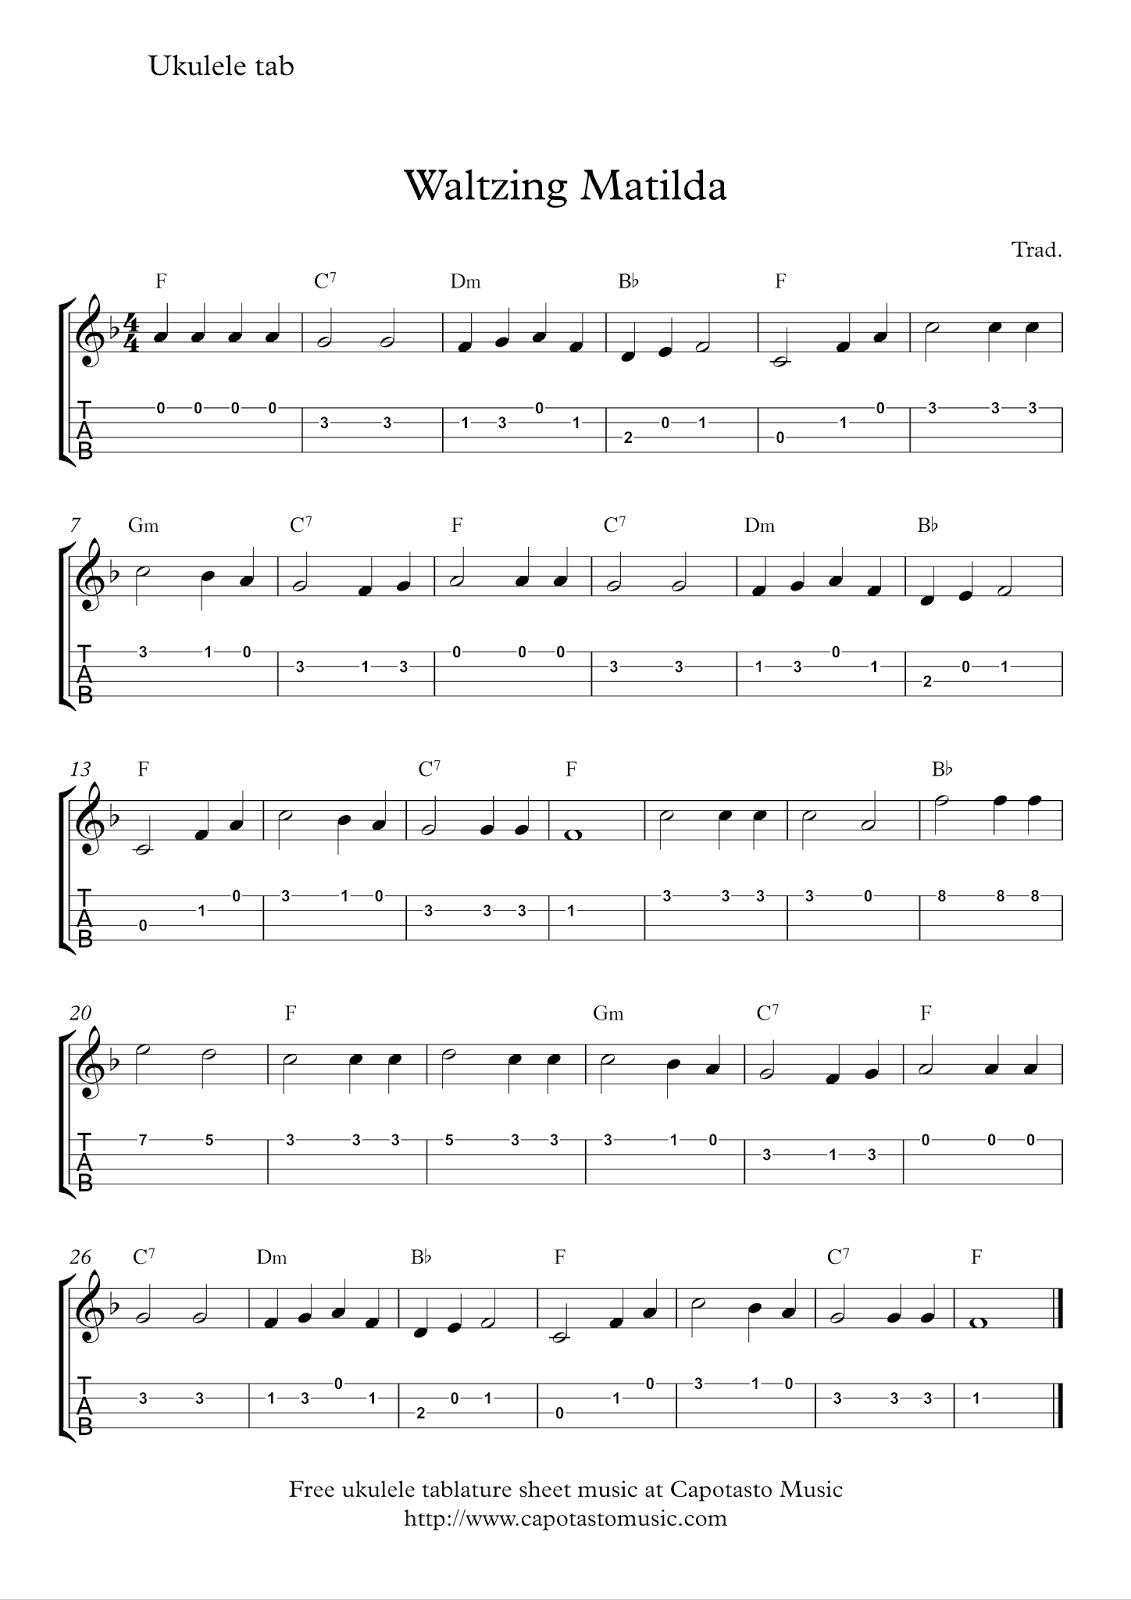 Free Sheet Music Scores Free Ukulele Tab Sheet Music Waltzing Matilda